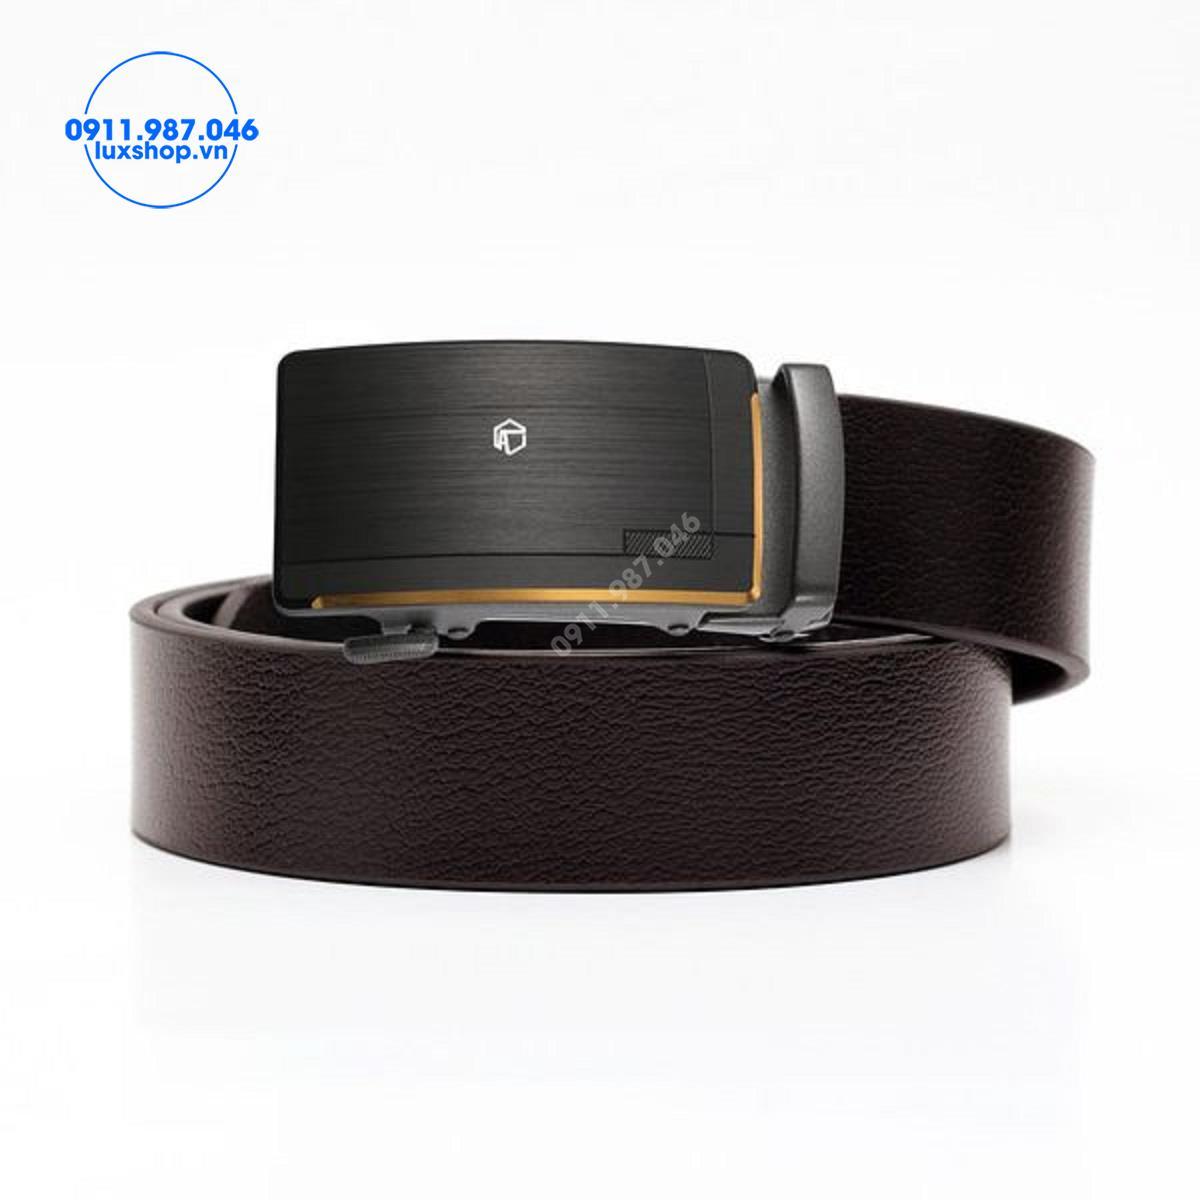 Thắt lưng nam da bò nguyên miếng đầu hợp kim khóa tự động (3.5cm) - LM416